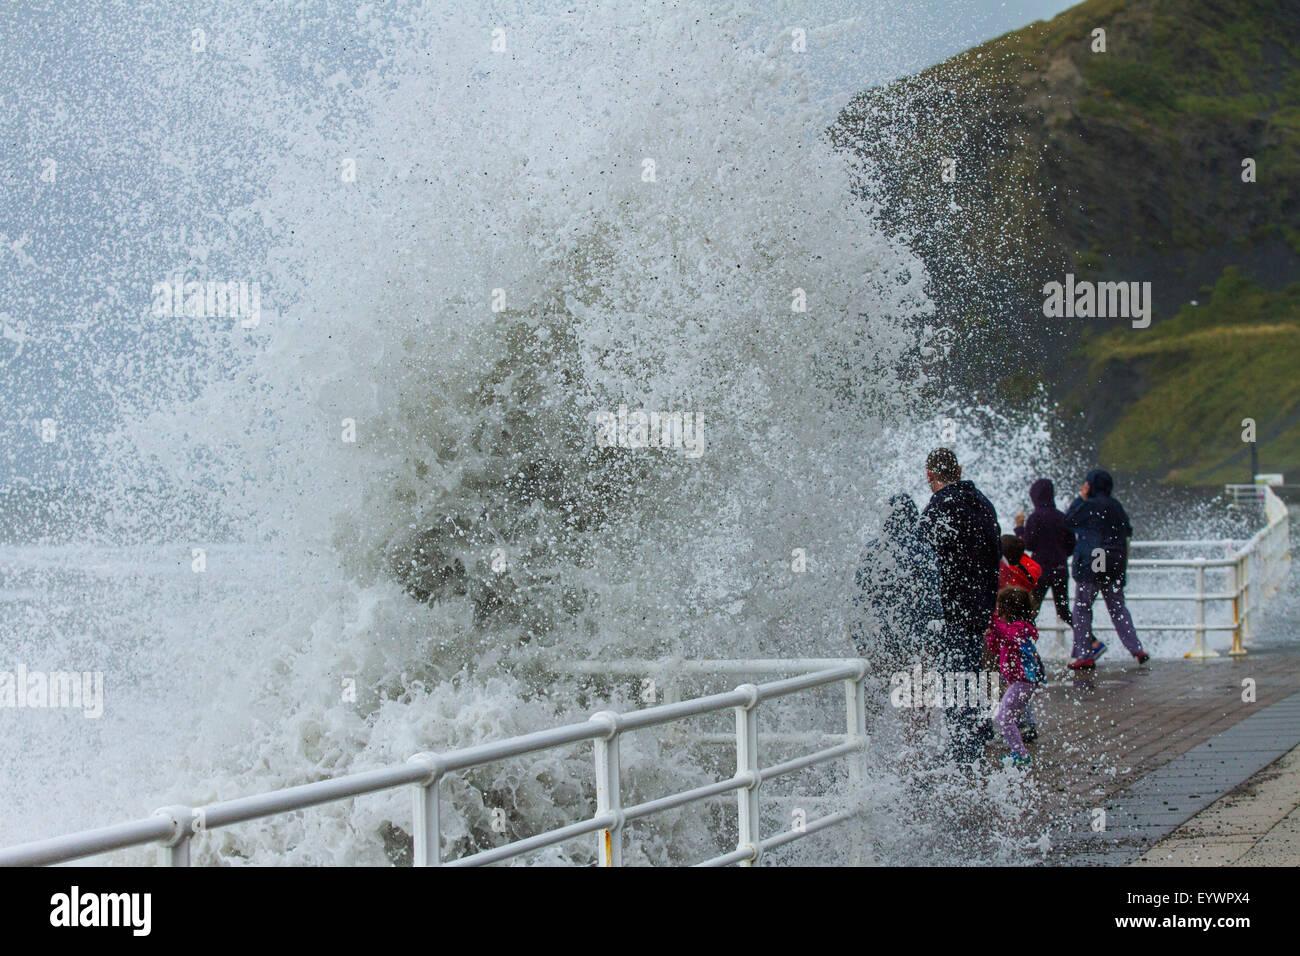 Aberystwyth, Wales, UK. 4. August 2015. Stürmisches Wetter.  Eine 5-8 ft-Dünung, starke Winde und eine Stockbild